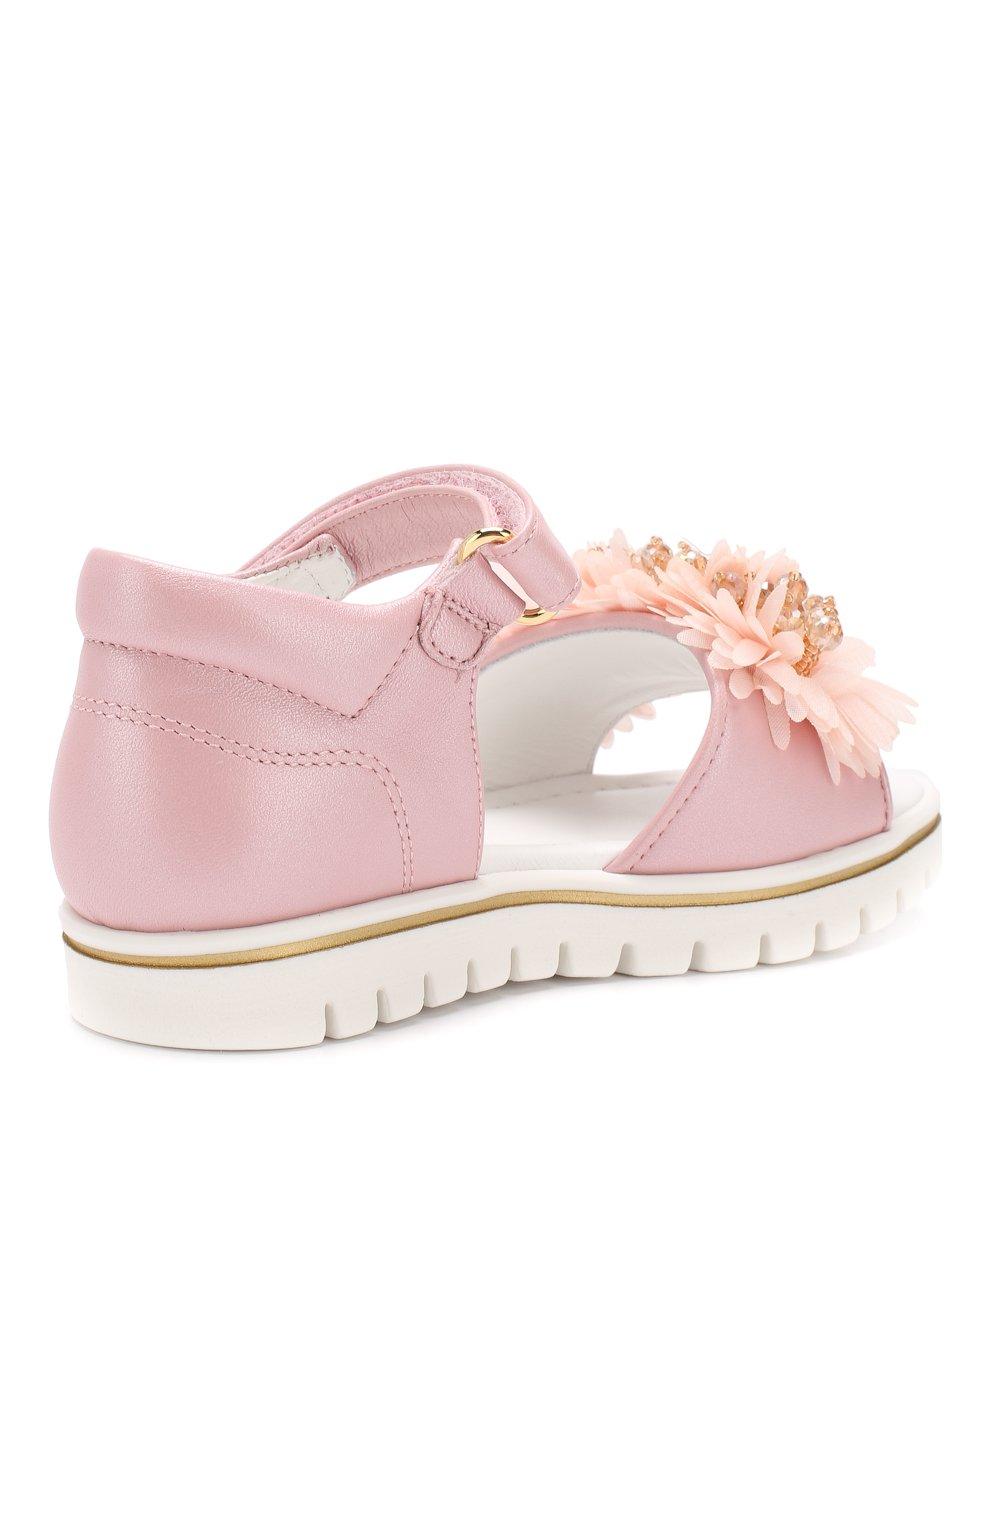 Детские кожаные сандалии с застежкой велькро MISSOURI розового цвета, арт. 5114/18-26 | Фото 3